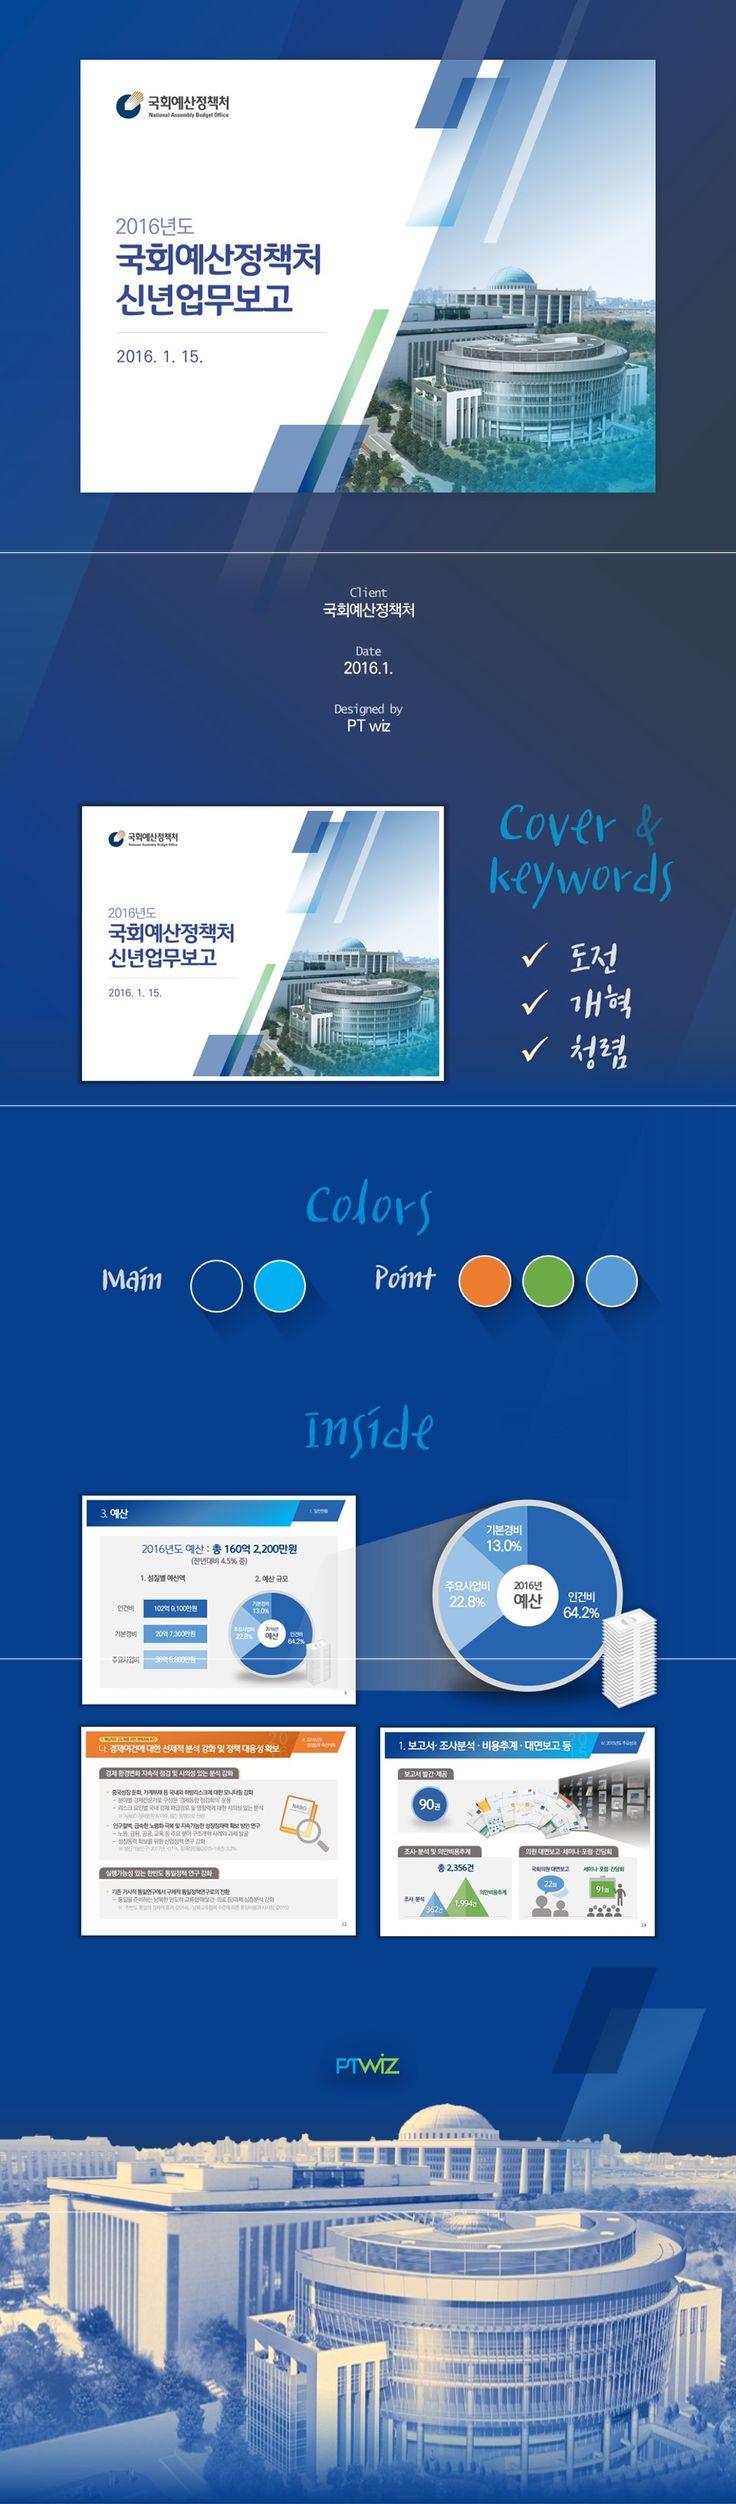 국회예산정책처_2016 신년업무보고 / Presentation design by PTWIZ